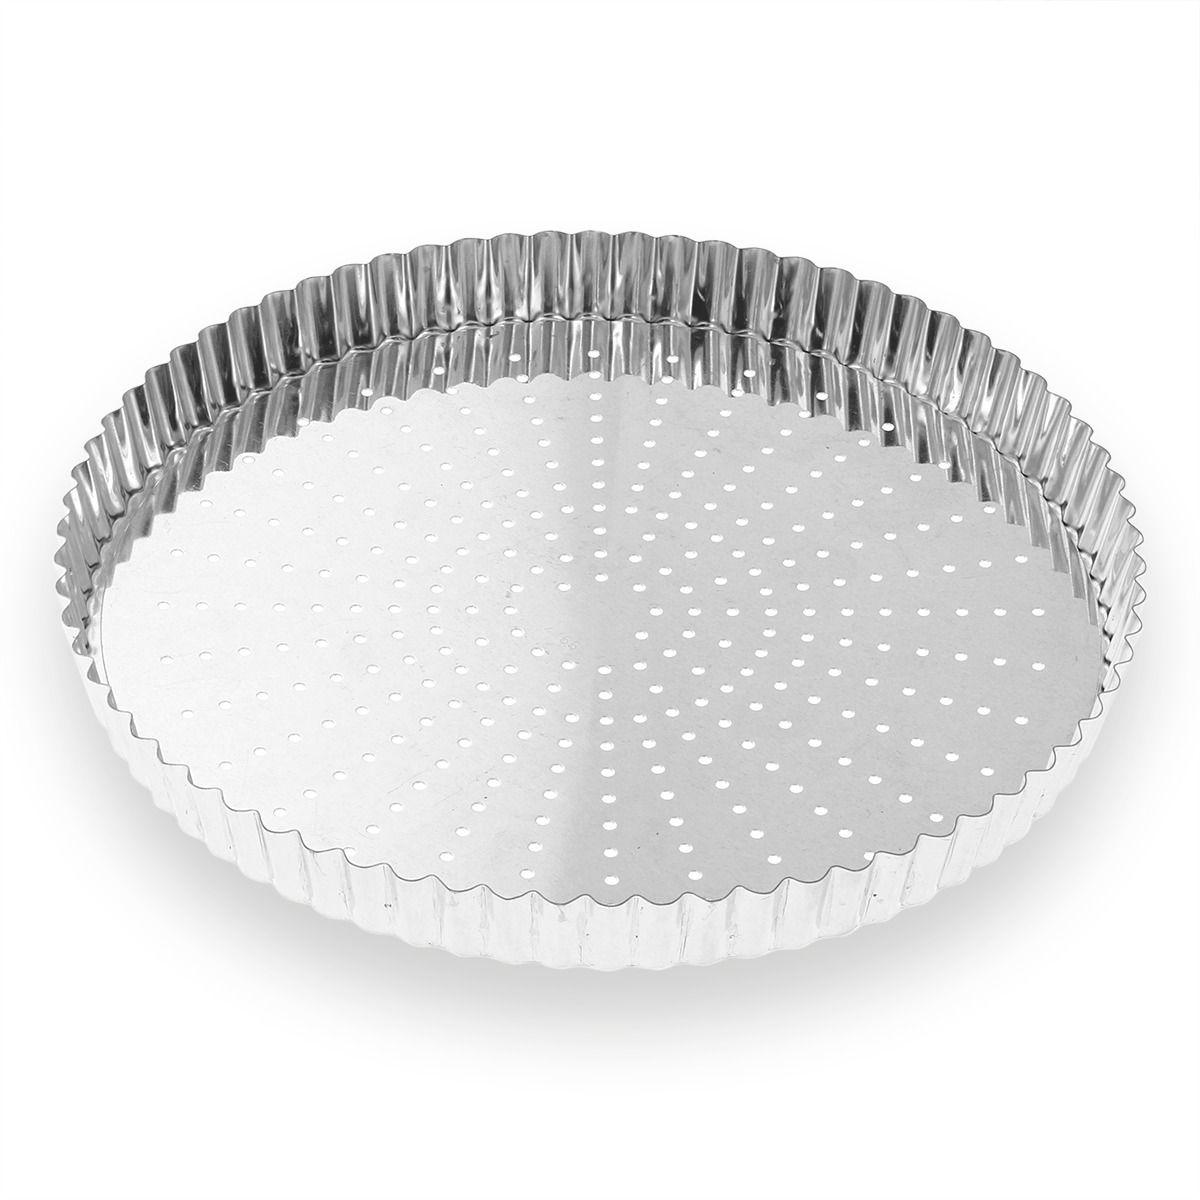 Moule à tarte perforé fond amovible en fer blanc 8/10 parts 28 cm - Alice Délice